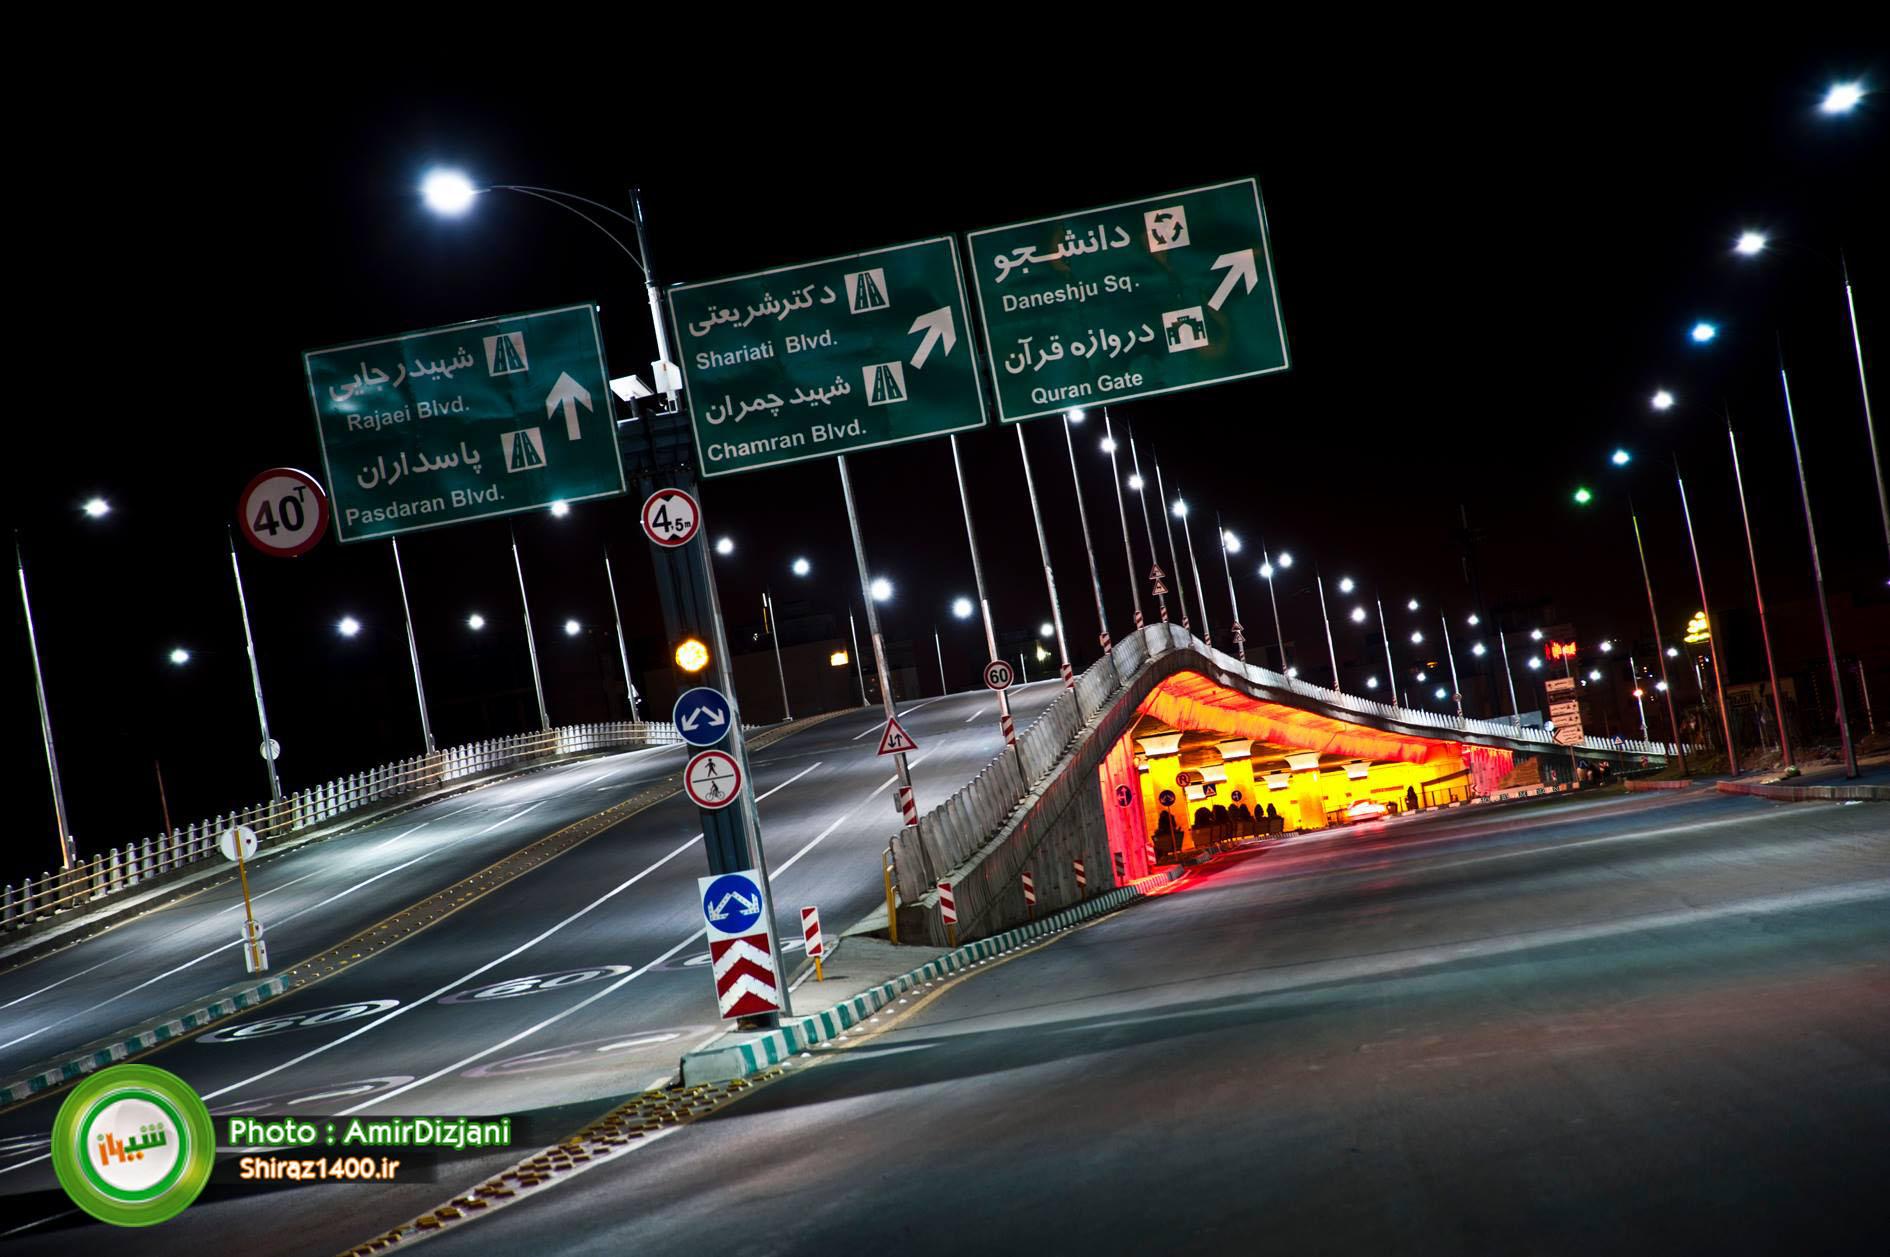 تابلوهای راهنمای مسیر، امسال ۱۲میلیارد تومان روی دست شیراز خرج گذاشت